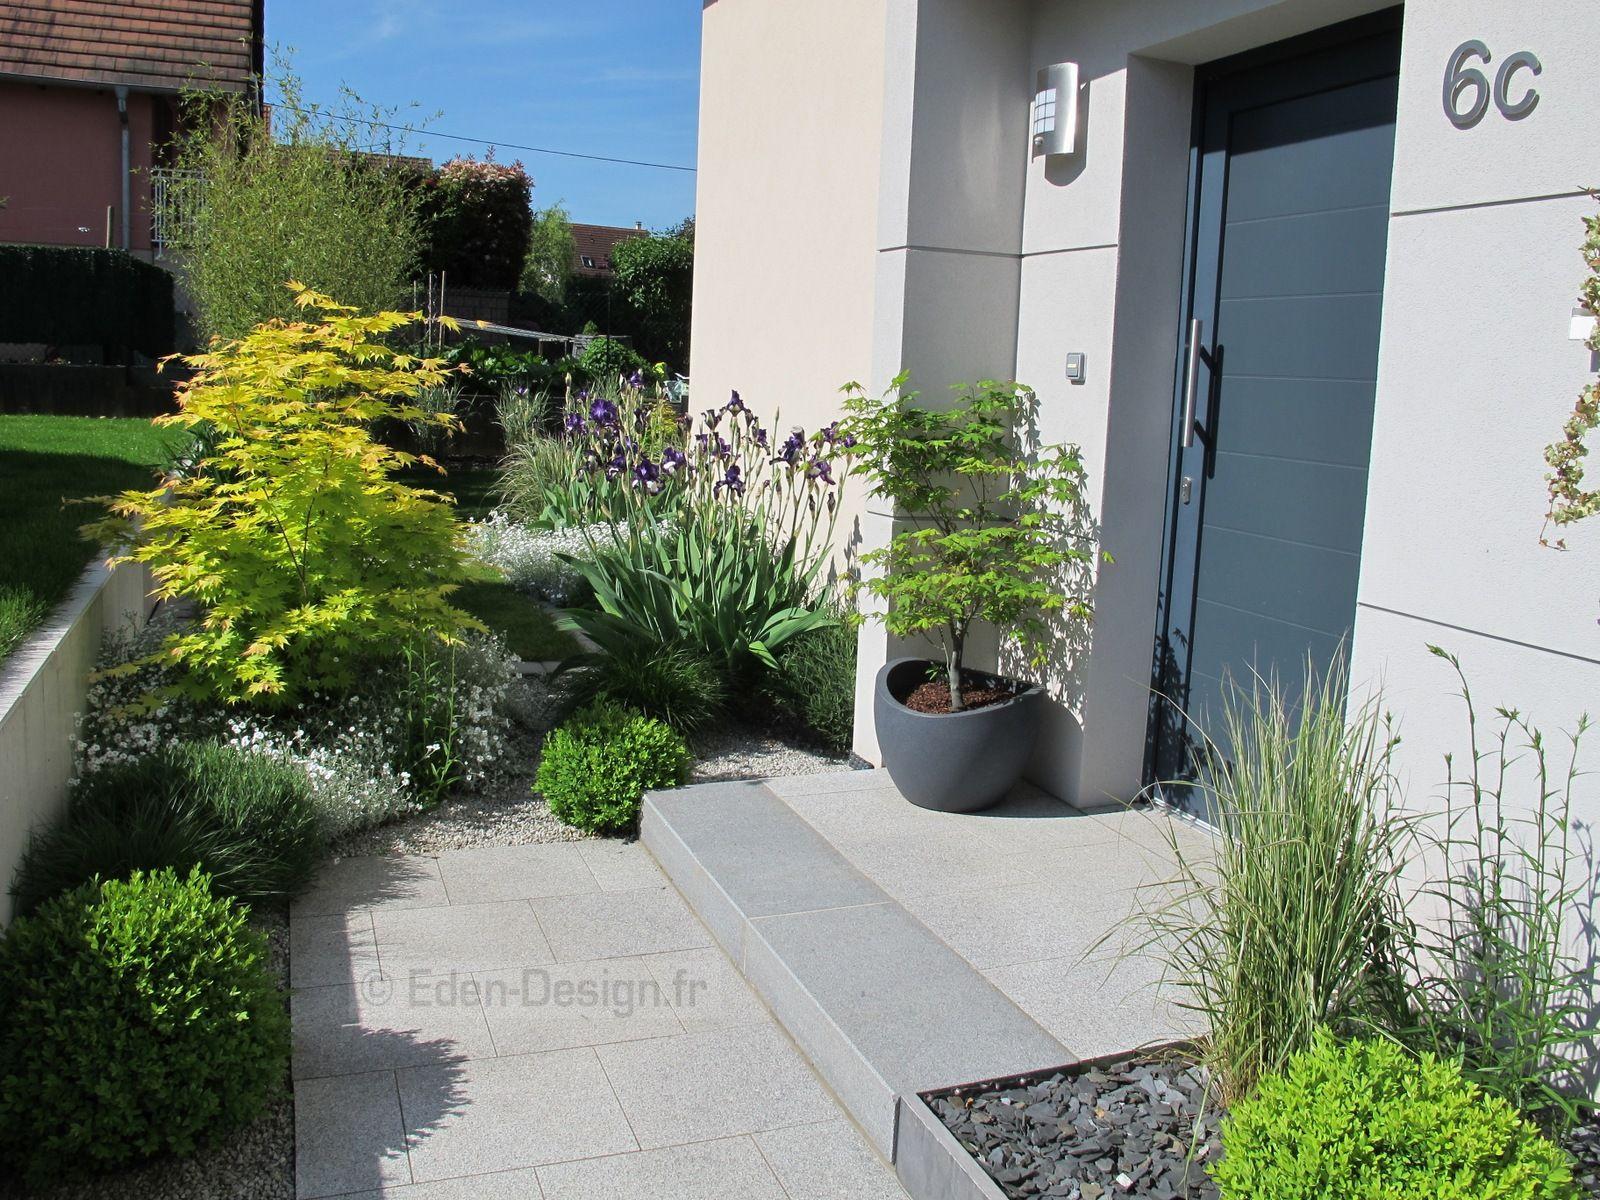 Devant De Maison, Aménagement Moderne Avec Escalier En ... à Amenagement Devant Maison Moderne